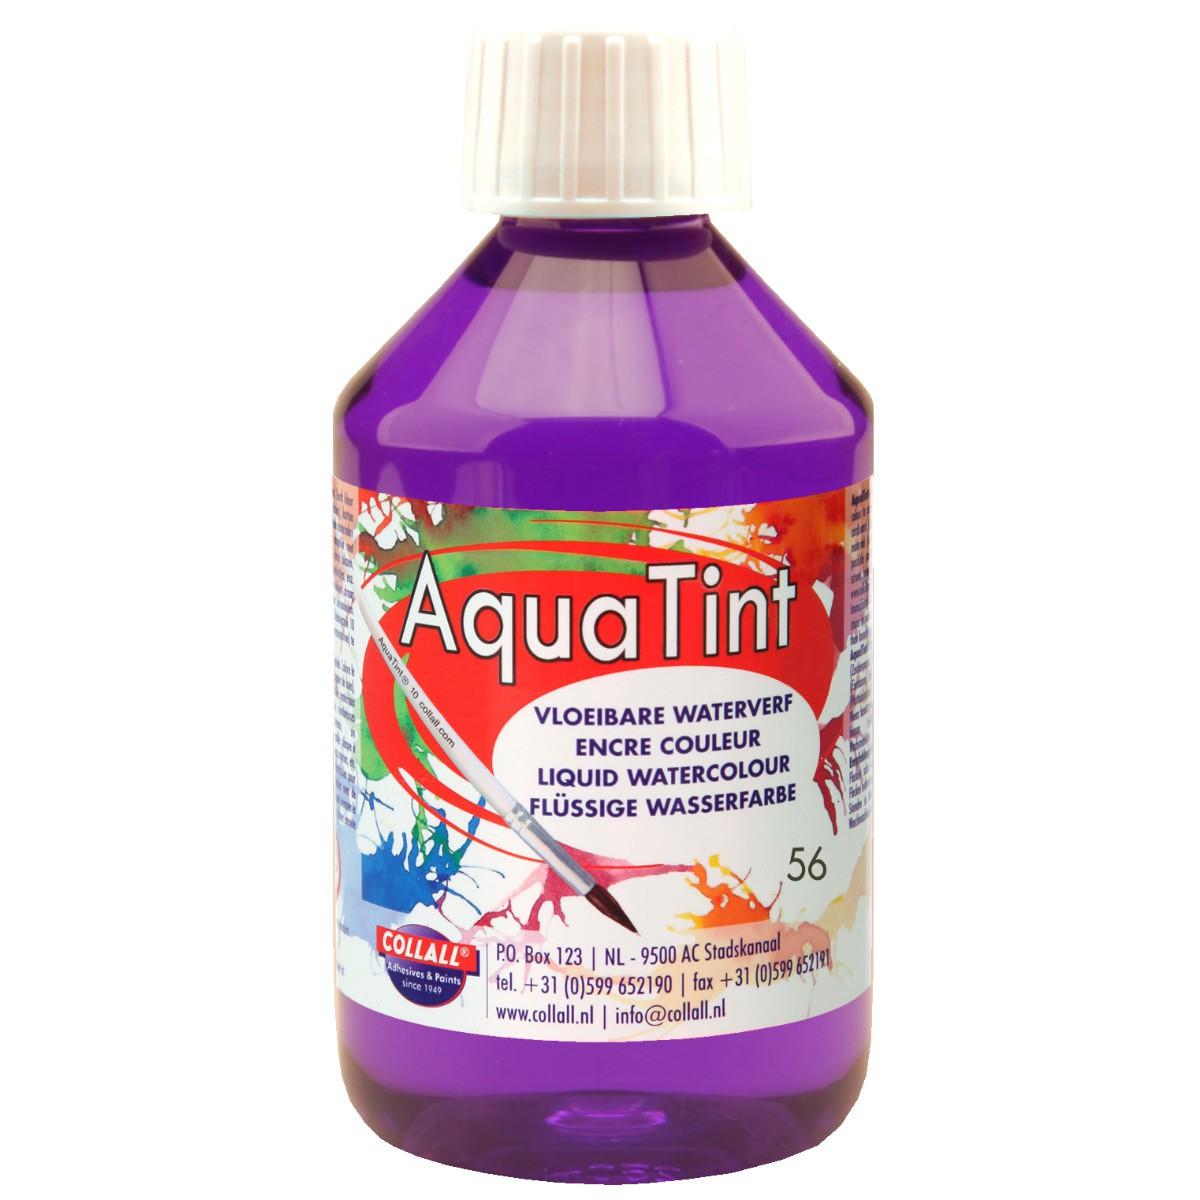 Flüssige Wasserfarbe AquaTint - Farbe violett - 250ml Flasche